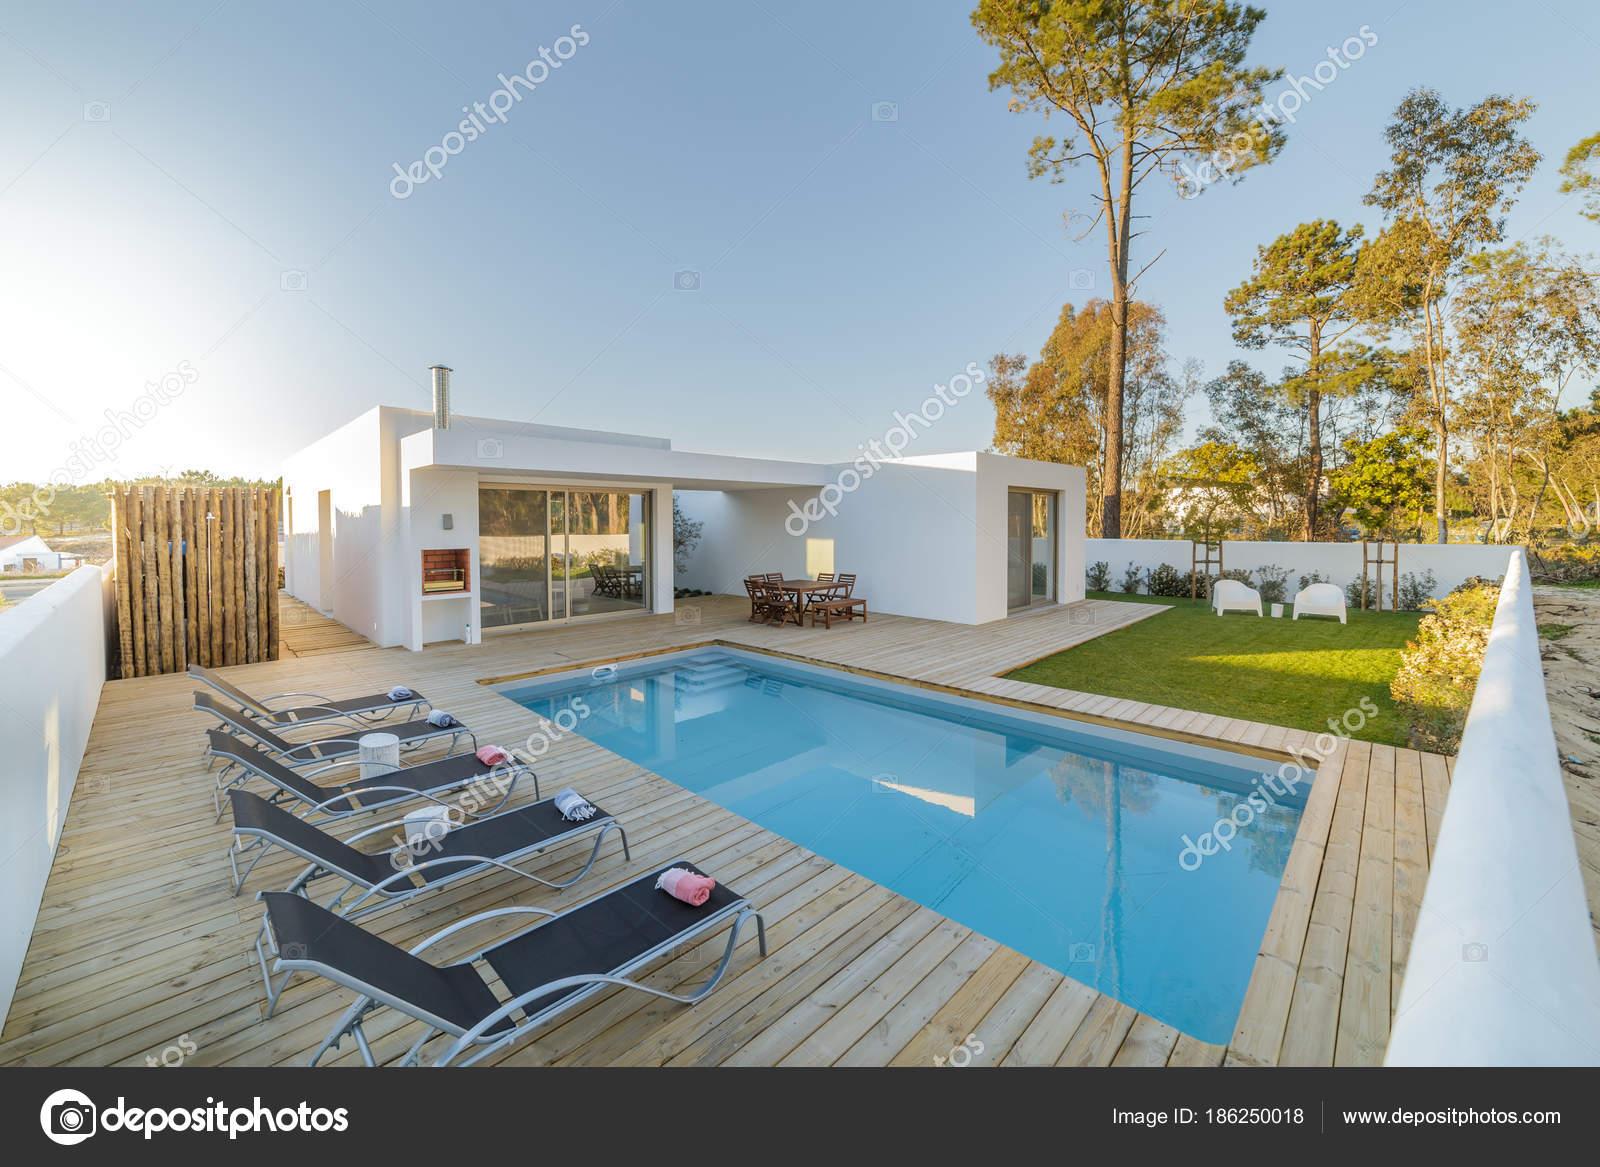 Casa moderna com jardim piscina e deck de madeira stock for Case moderne con piscina